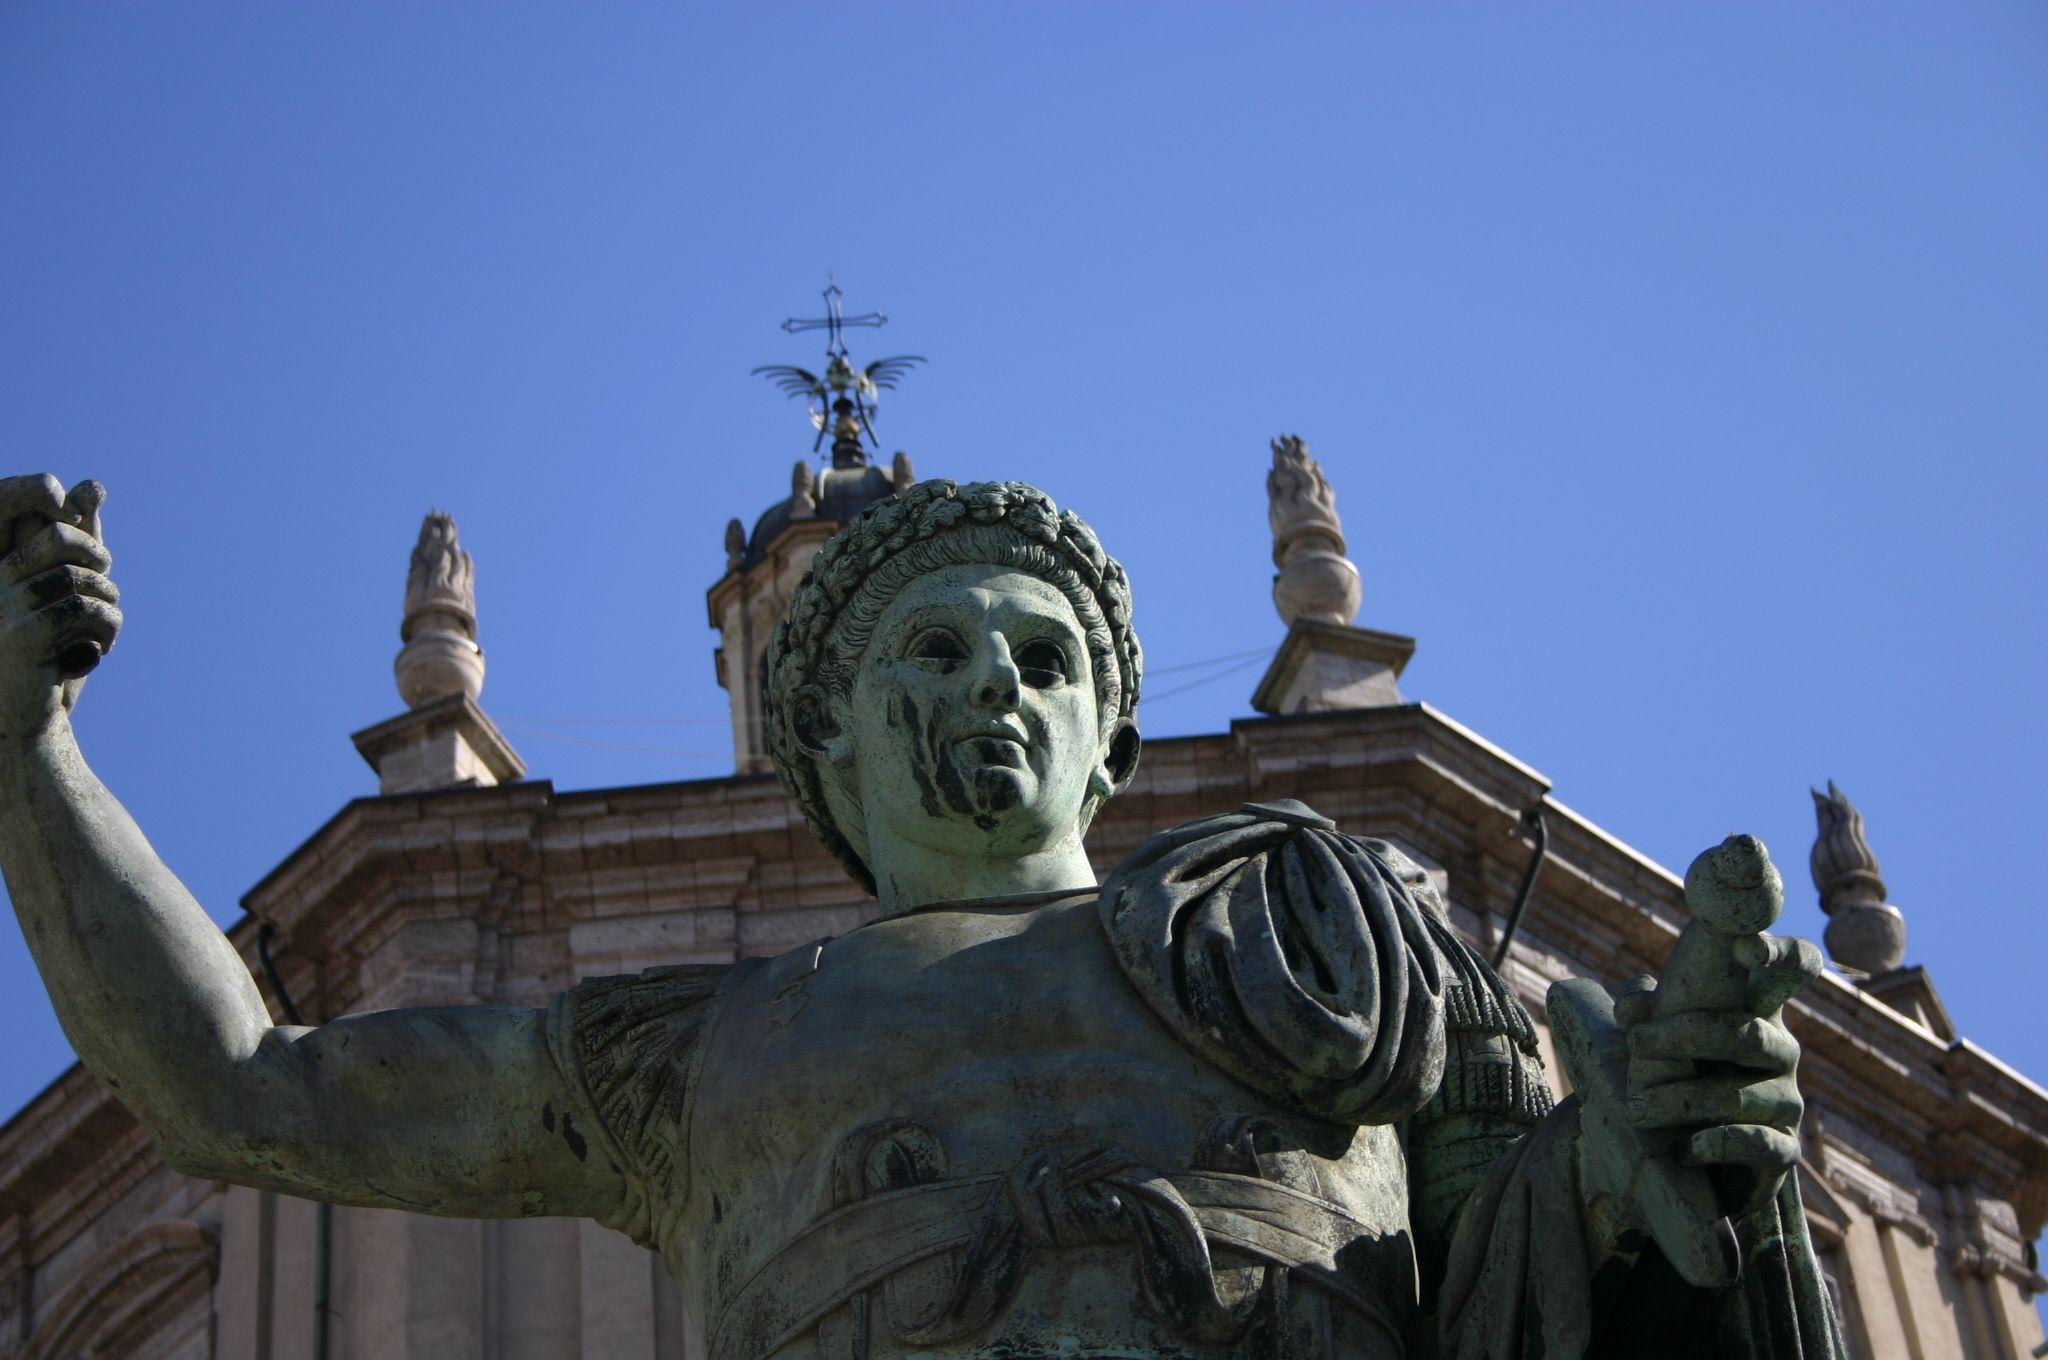 Expo 2015, la statua di Costantino torna a splendere grazie a Exponsor